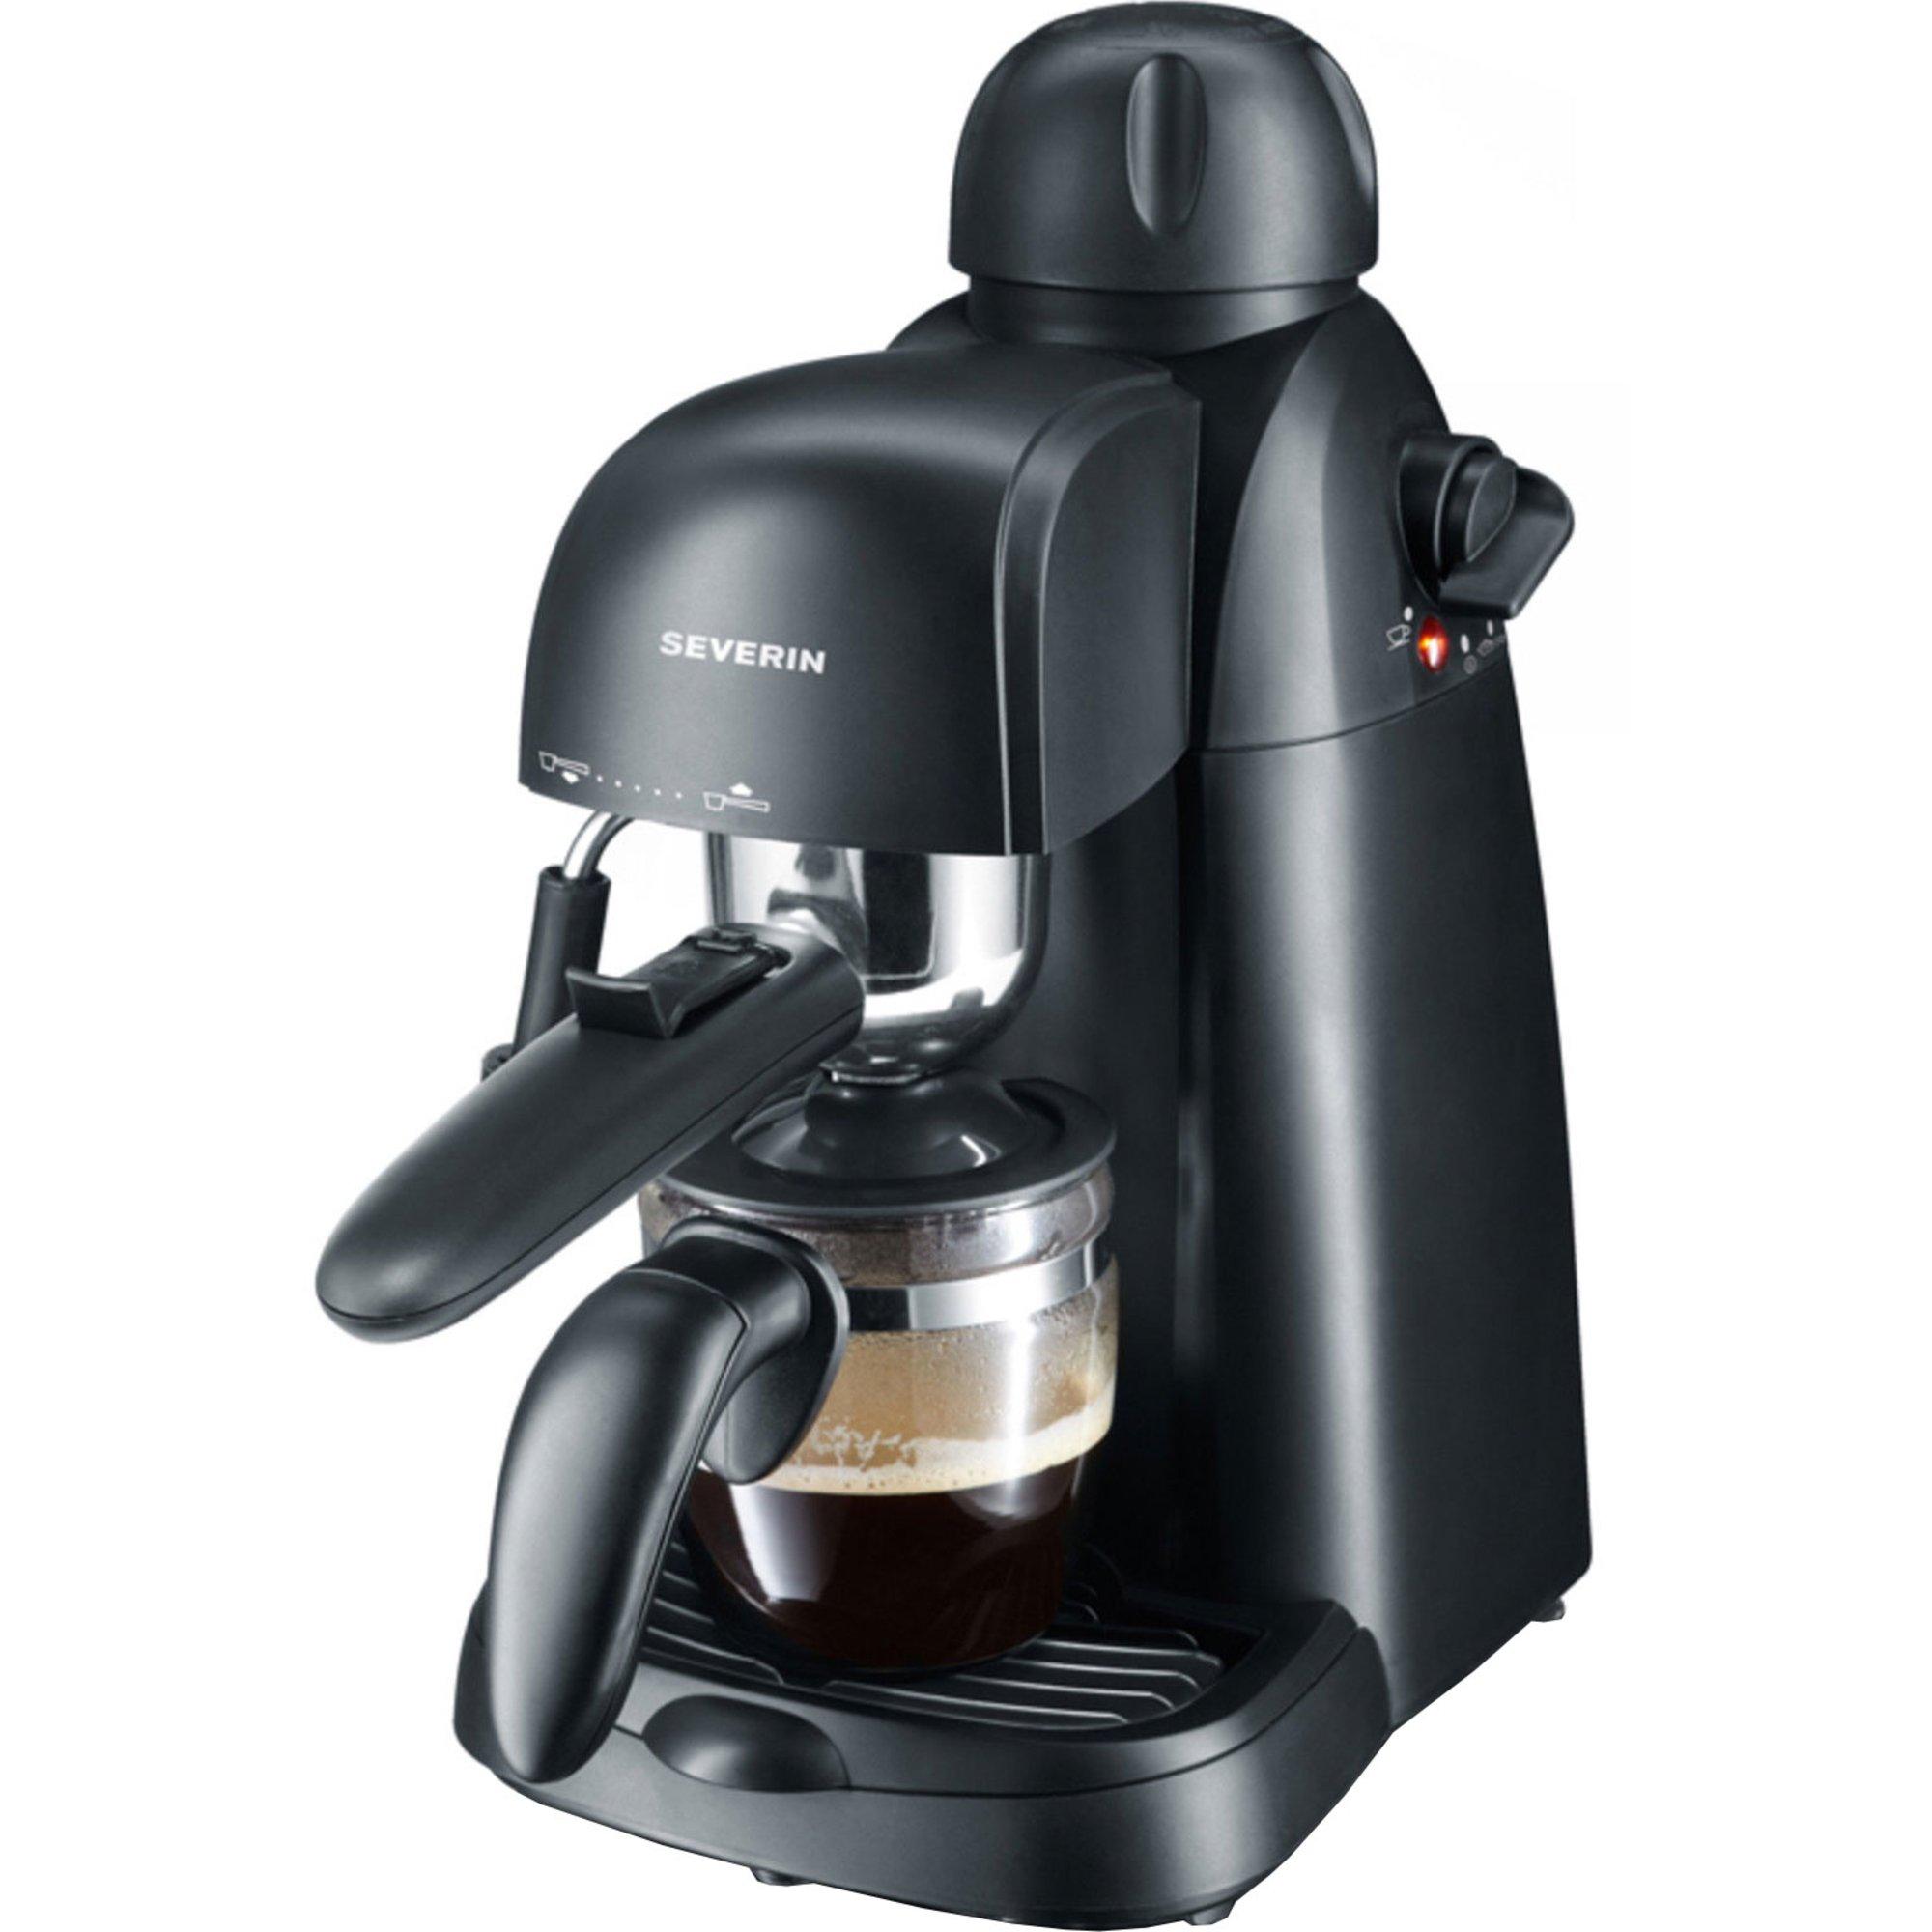 Severin 5978 Espressobryggare